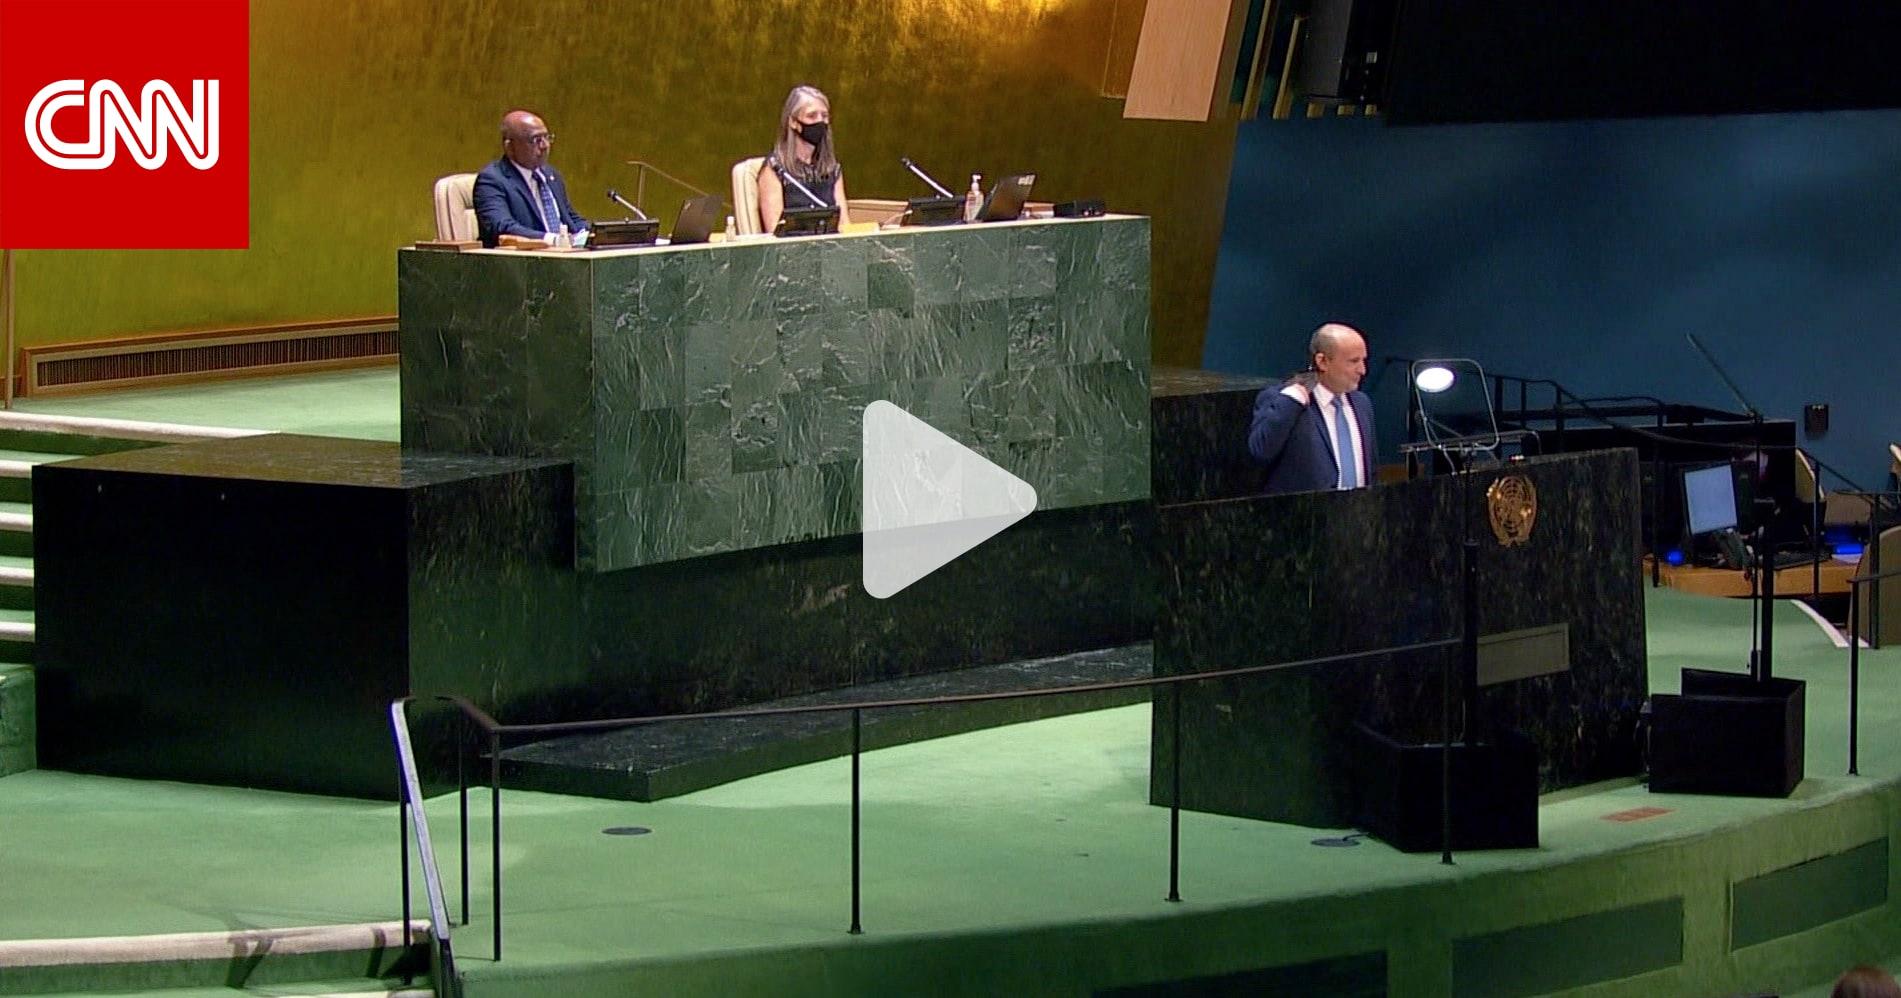 إسرائيل تعمل بمهارة على تغيير موقفها من الاتفاق النووي الإيراني.. شاهد كيف؟